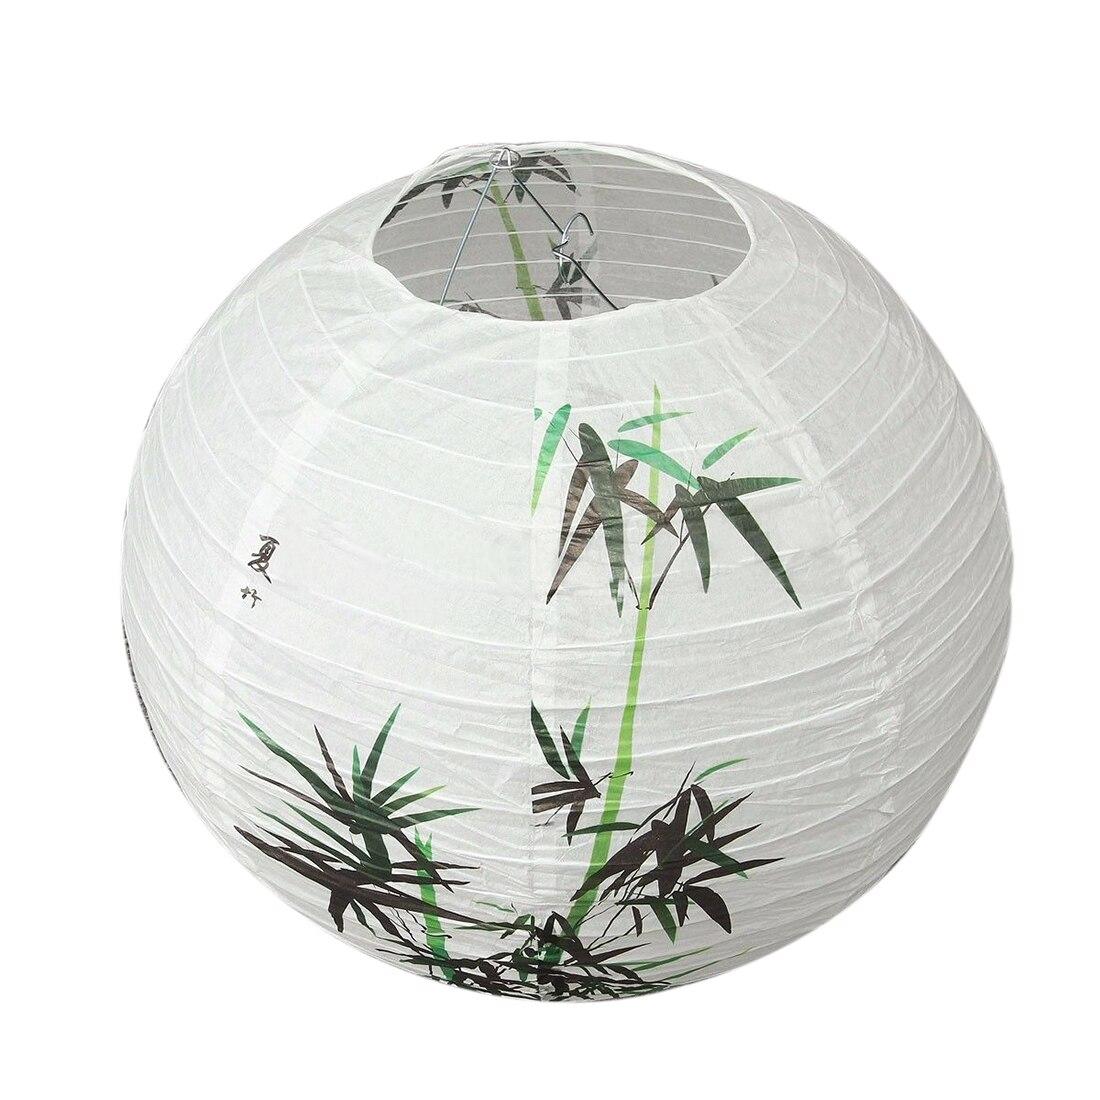 35 см абажур бумажный фонарь освещение в восточном стиле украшение, бамбук